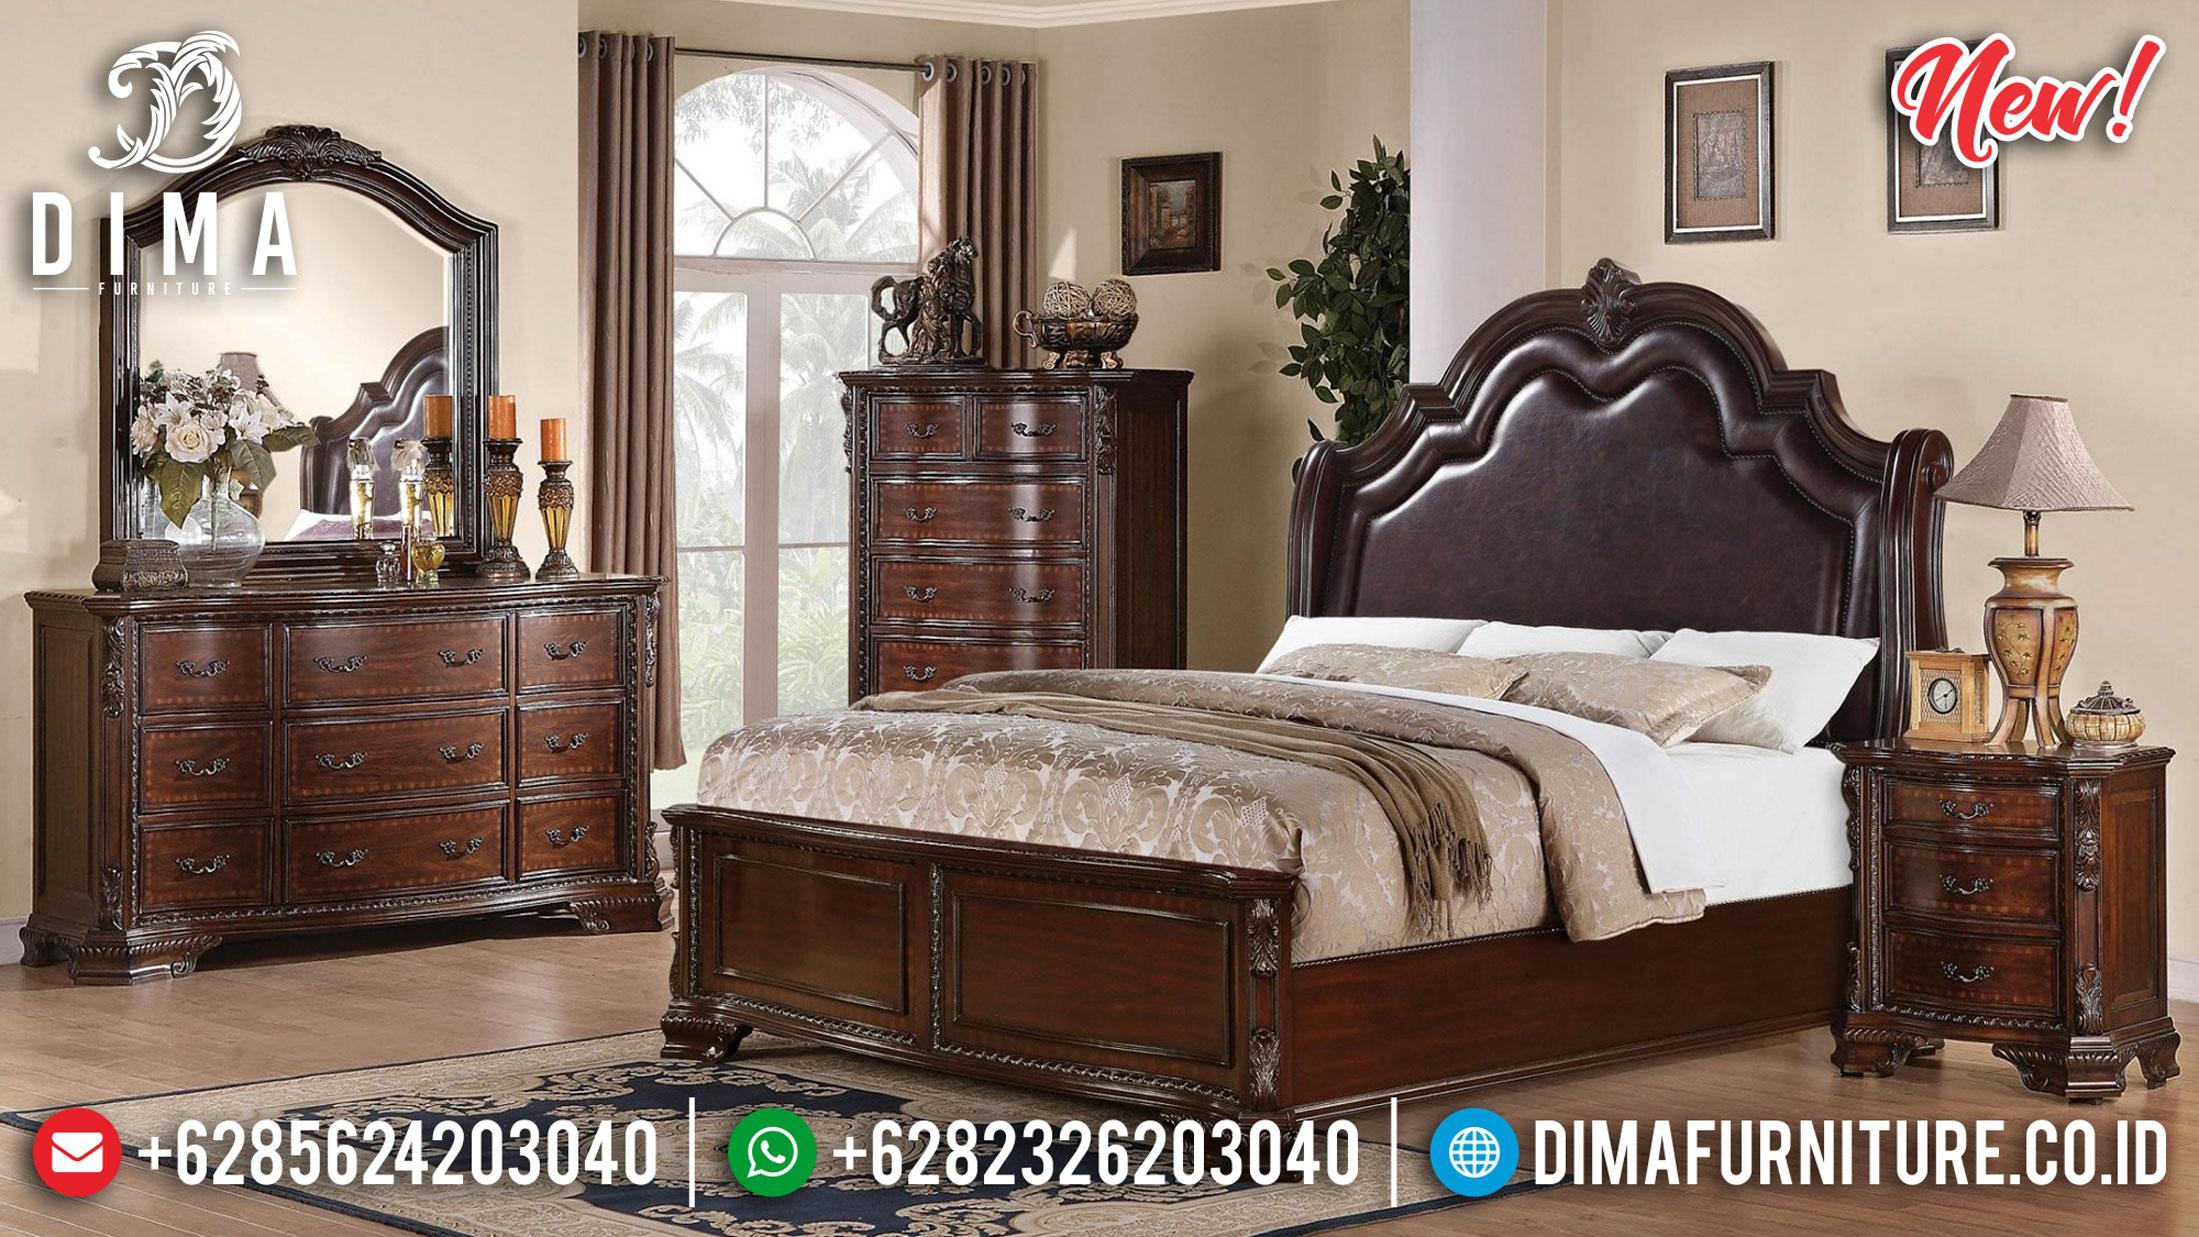 Jual Kamar Set Minimalis Jati Natural Exclusive Design Interior TTJ-1020